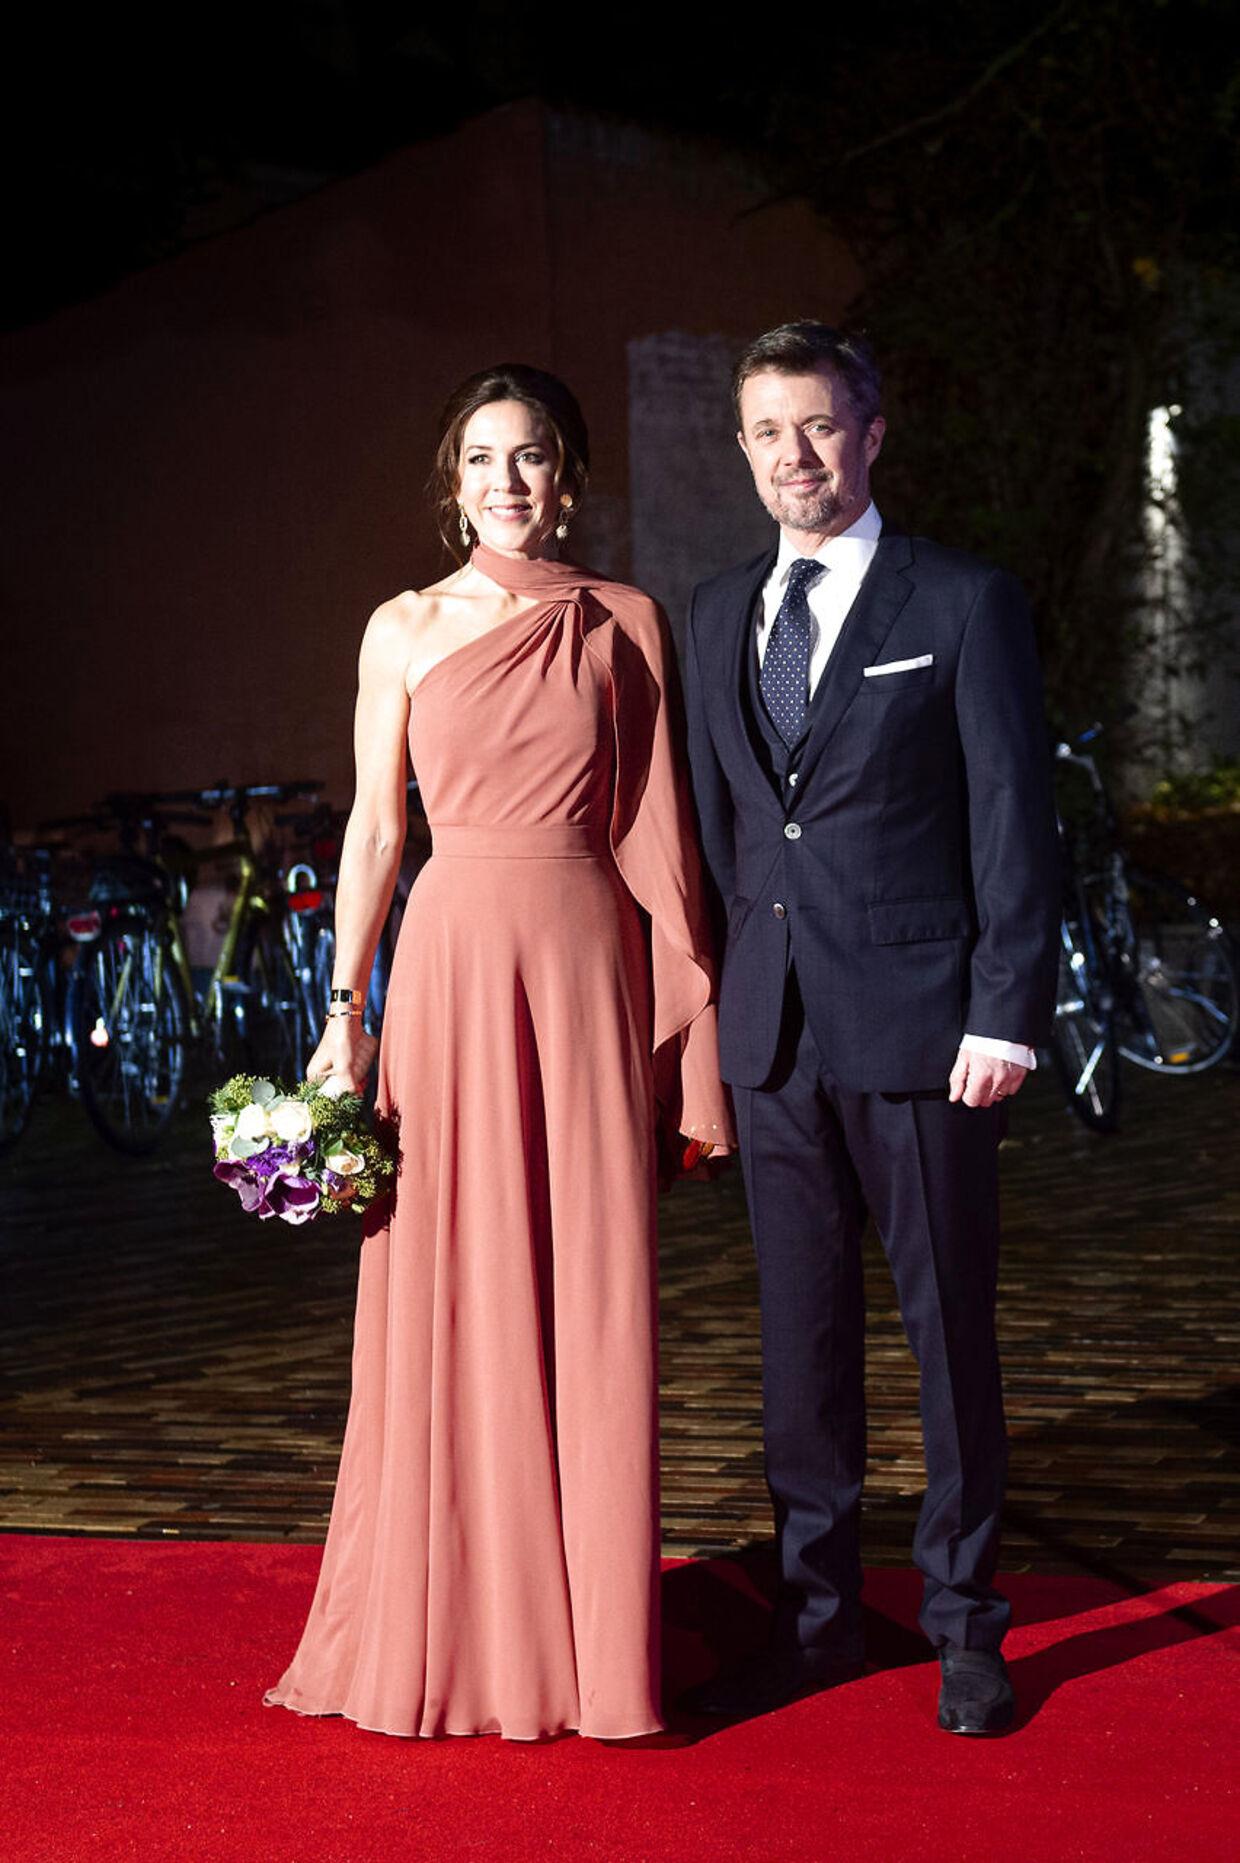 Kronprinsparret da de ankom til 'Kronprinsparrets Priser' 2. november 2019..